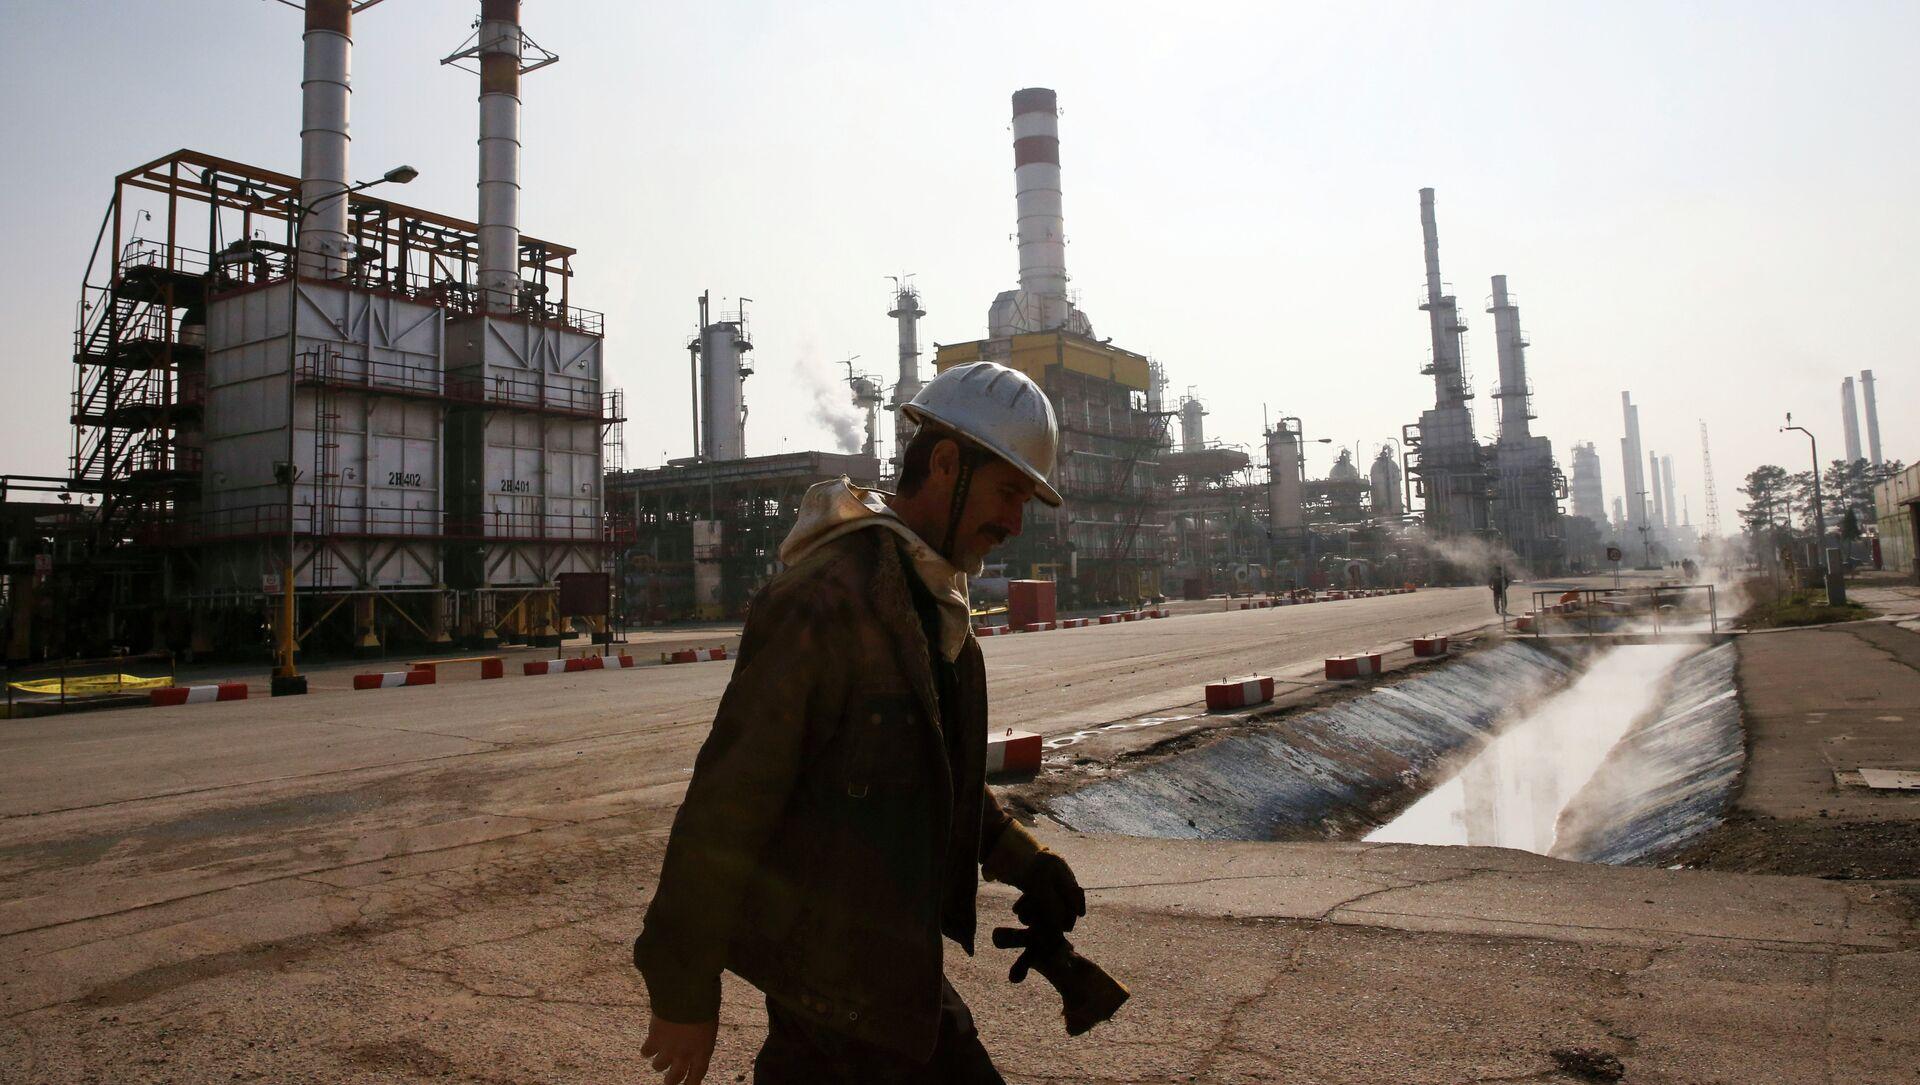 Trabajador petrolero iraní camina cerca una refinería de petróleo en Teherán, Irán - Sputnik Mundo, 1920, 22.01.2021